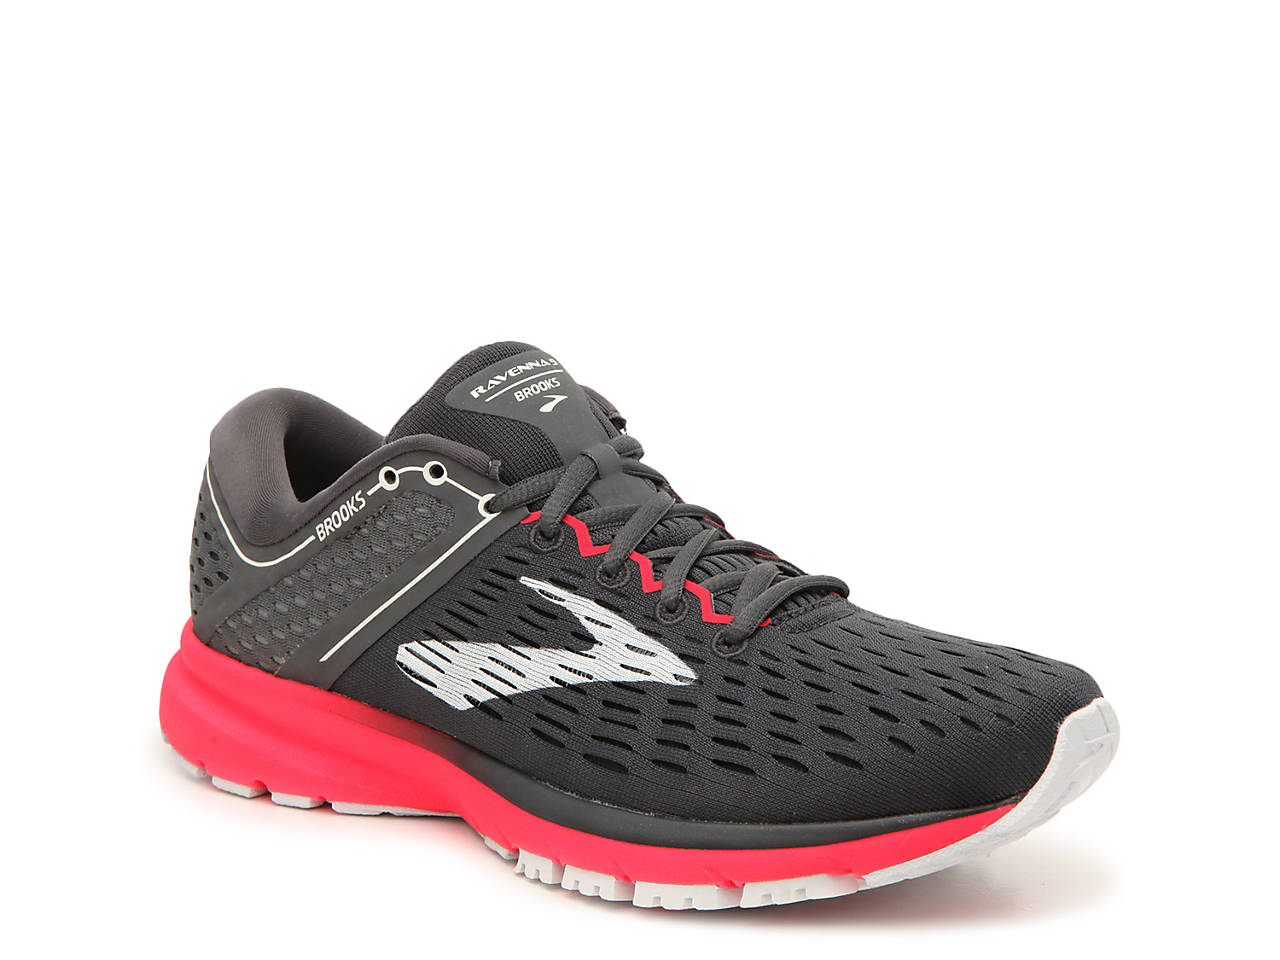 later new cheap enjoy big discount Ravenna 9 Performance Lightweight Running Shoe - Women's